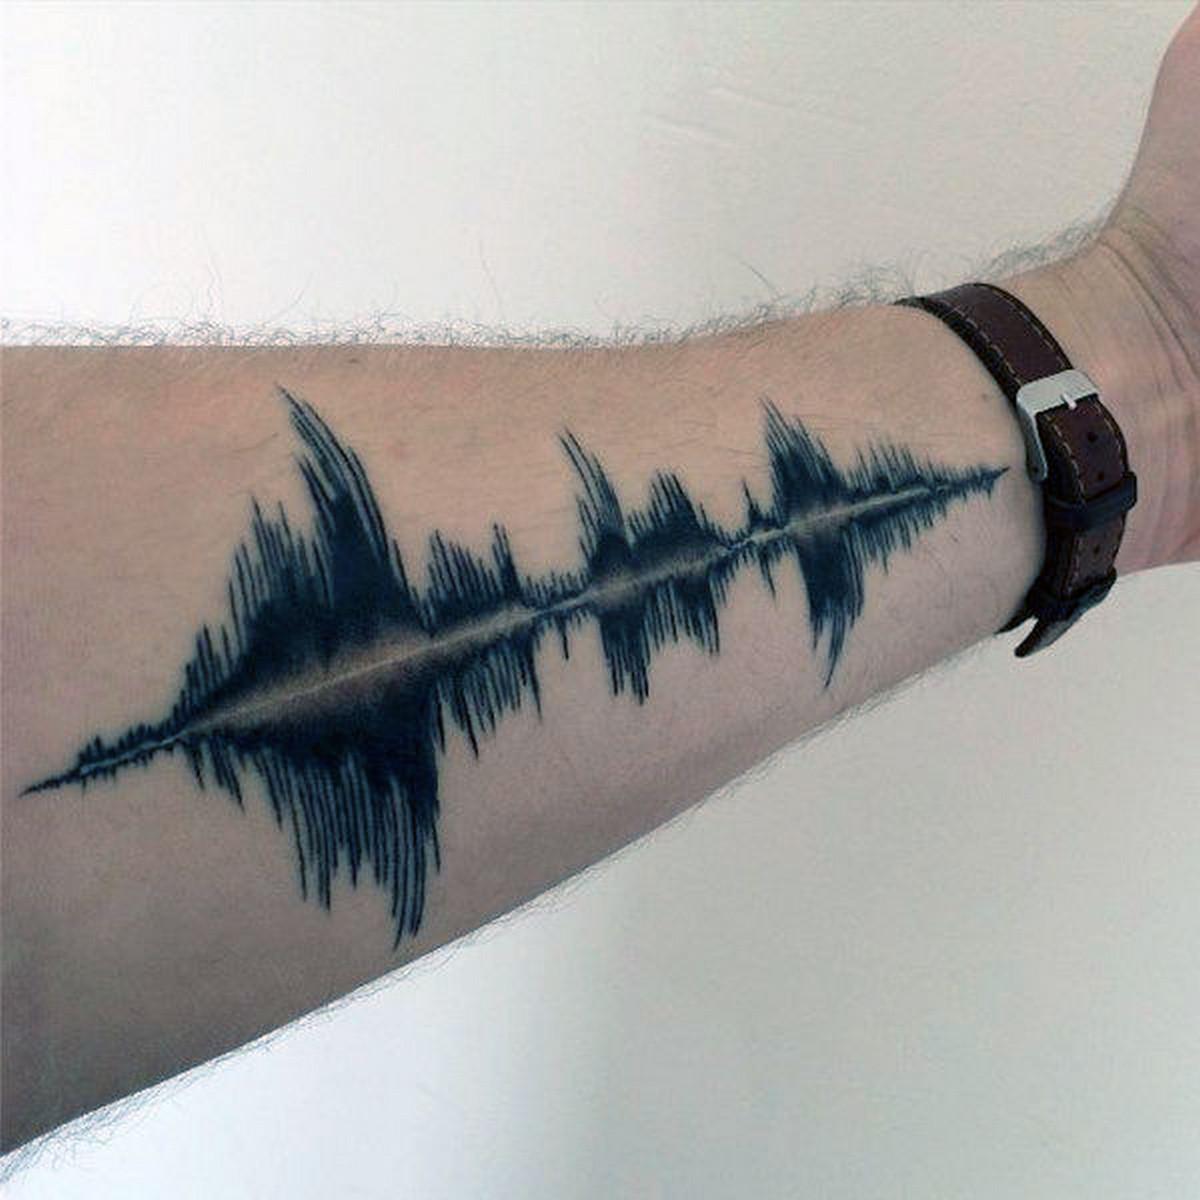 Así funcionan los tatuajes con sonido incorporado (vídeo)